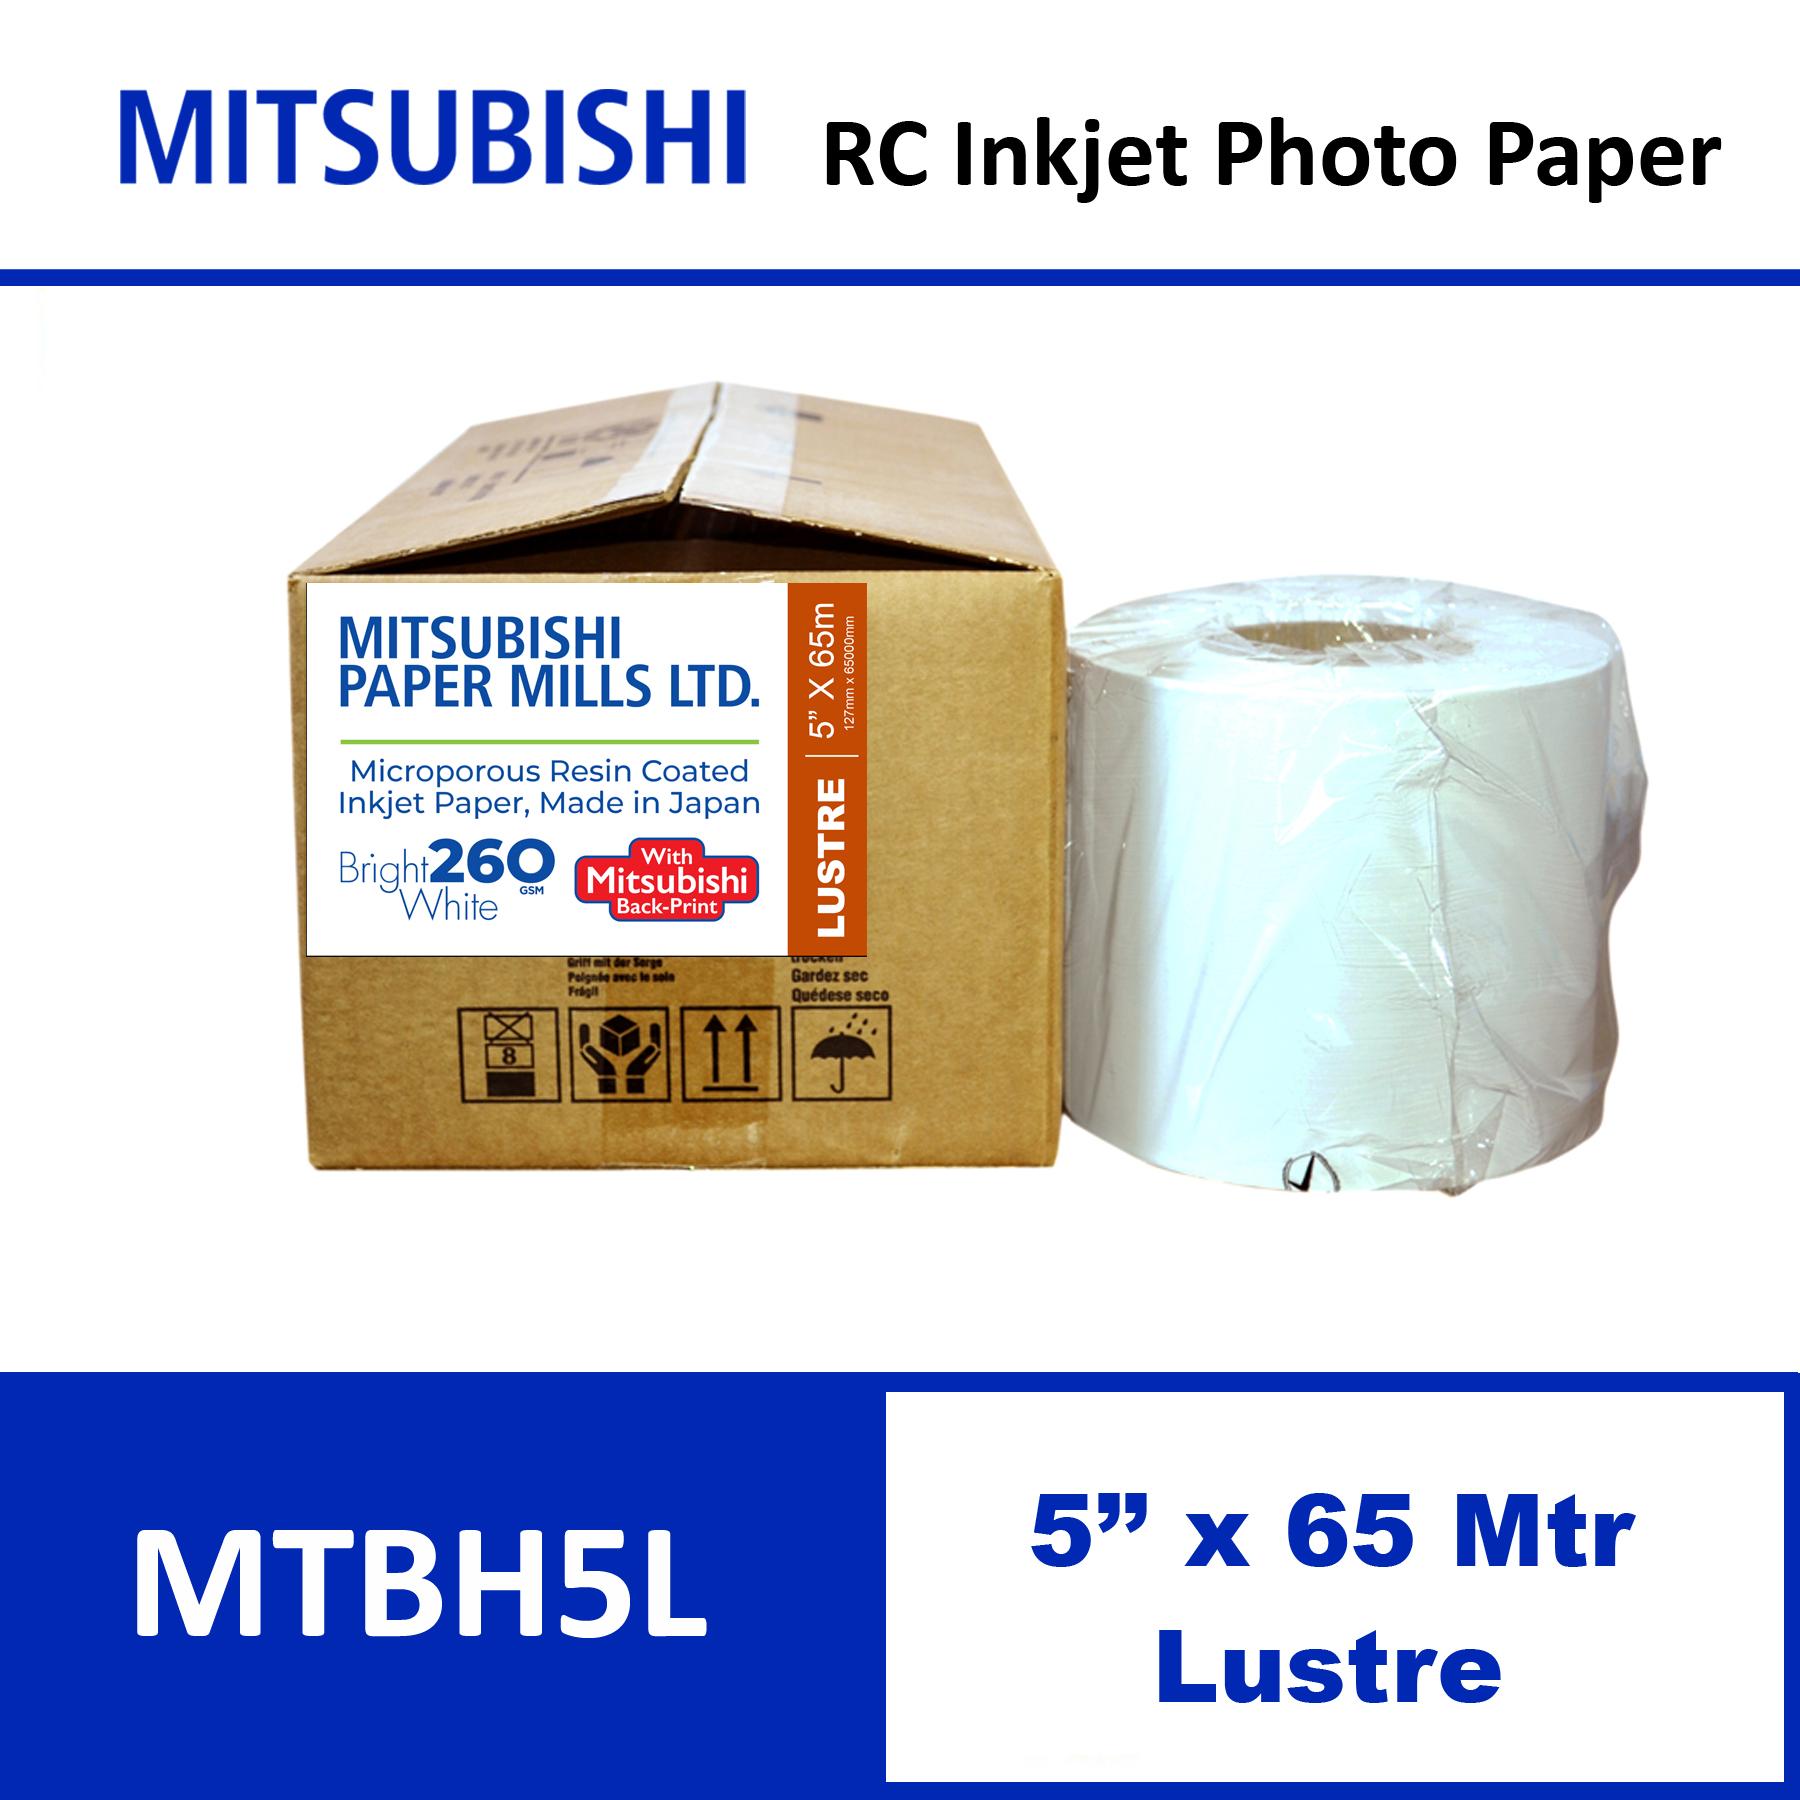 """Mitsubishi Inkjet RC Paper 5"""" x 65 Mtrs Lustre"""